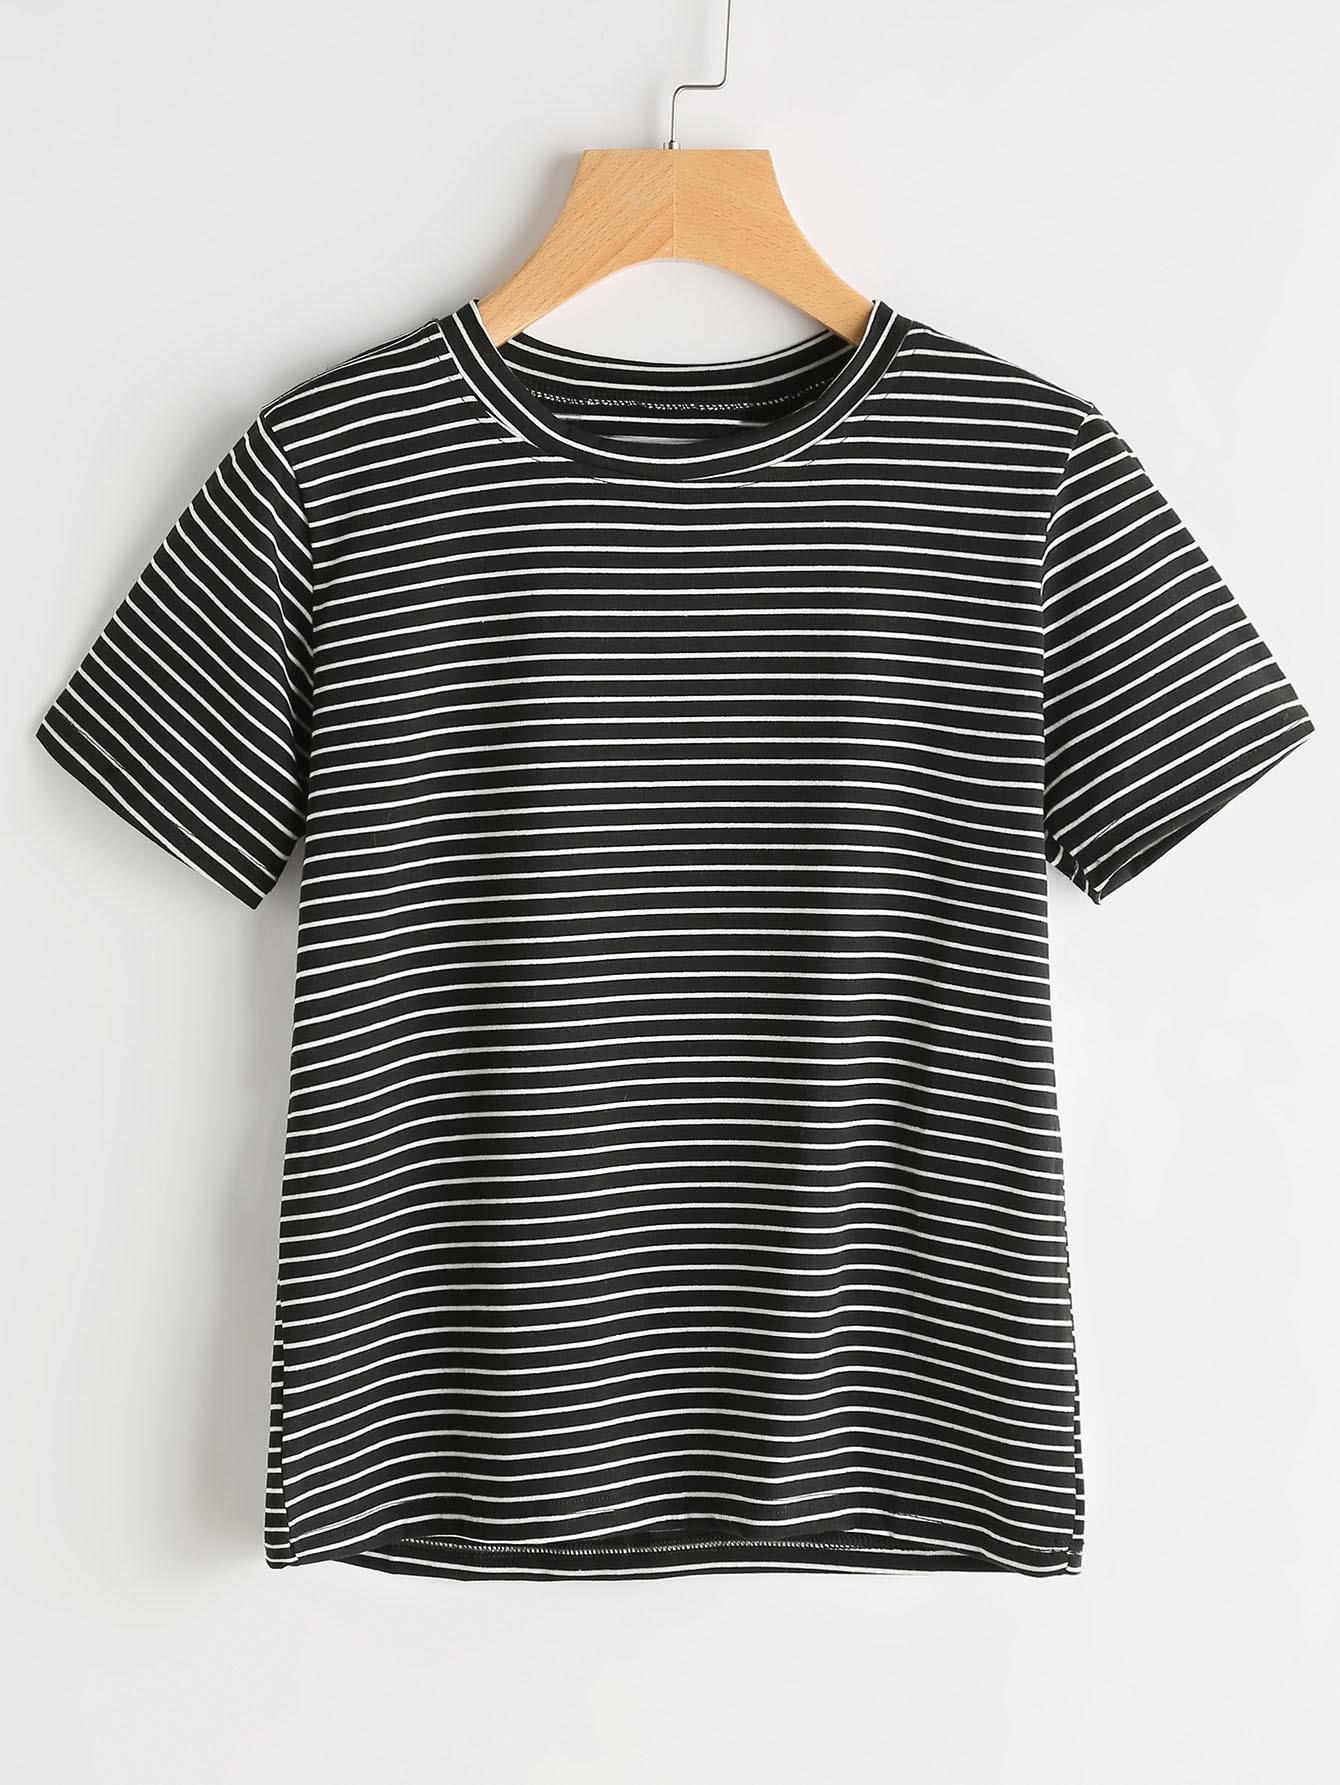 Short Sleeve Pinstripe Tshirt striped longline tshirt